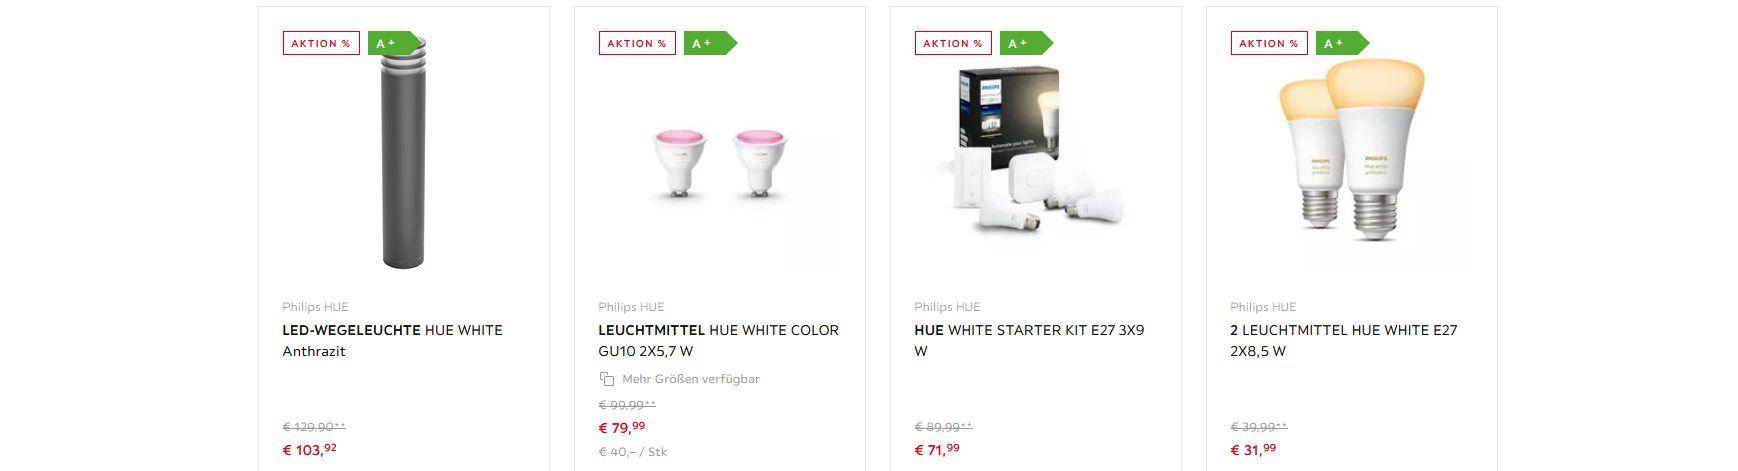 XXXLutz: Philips Hue Angebote   z.B. Wandleuchte Hue für 126,87€ (statt vorher 140€)